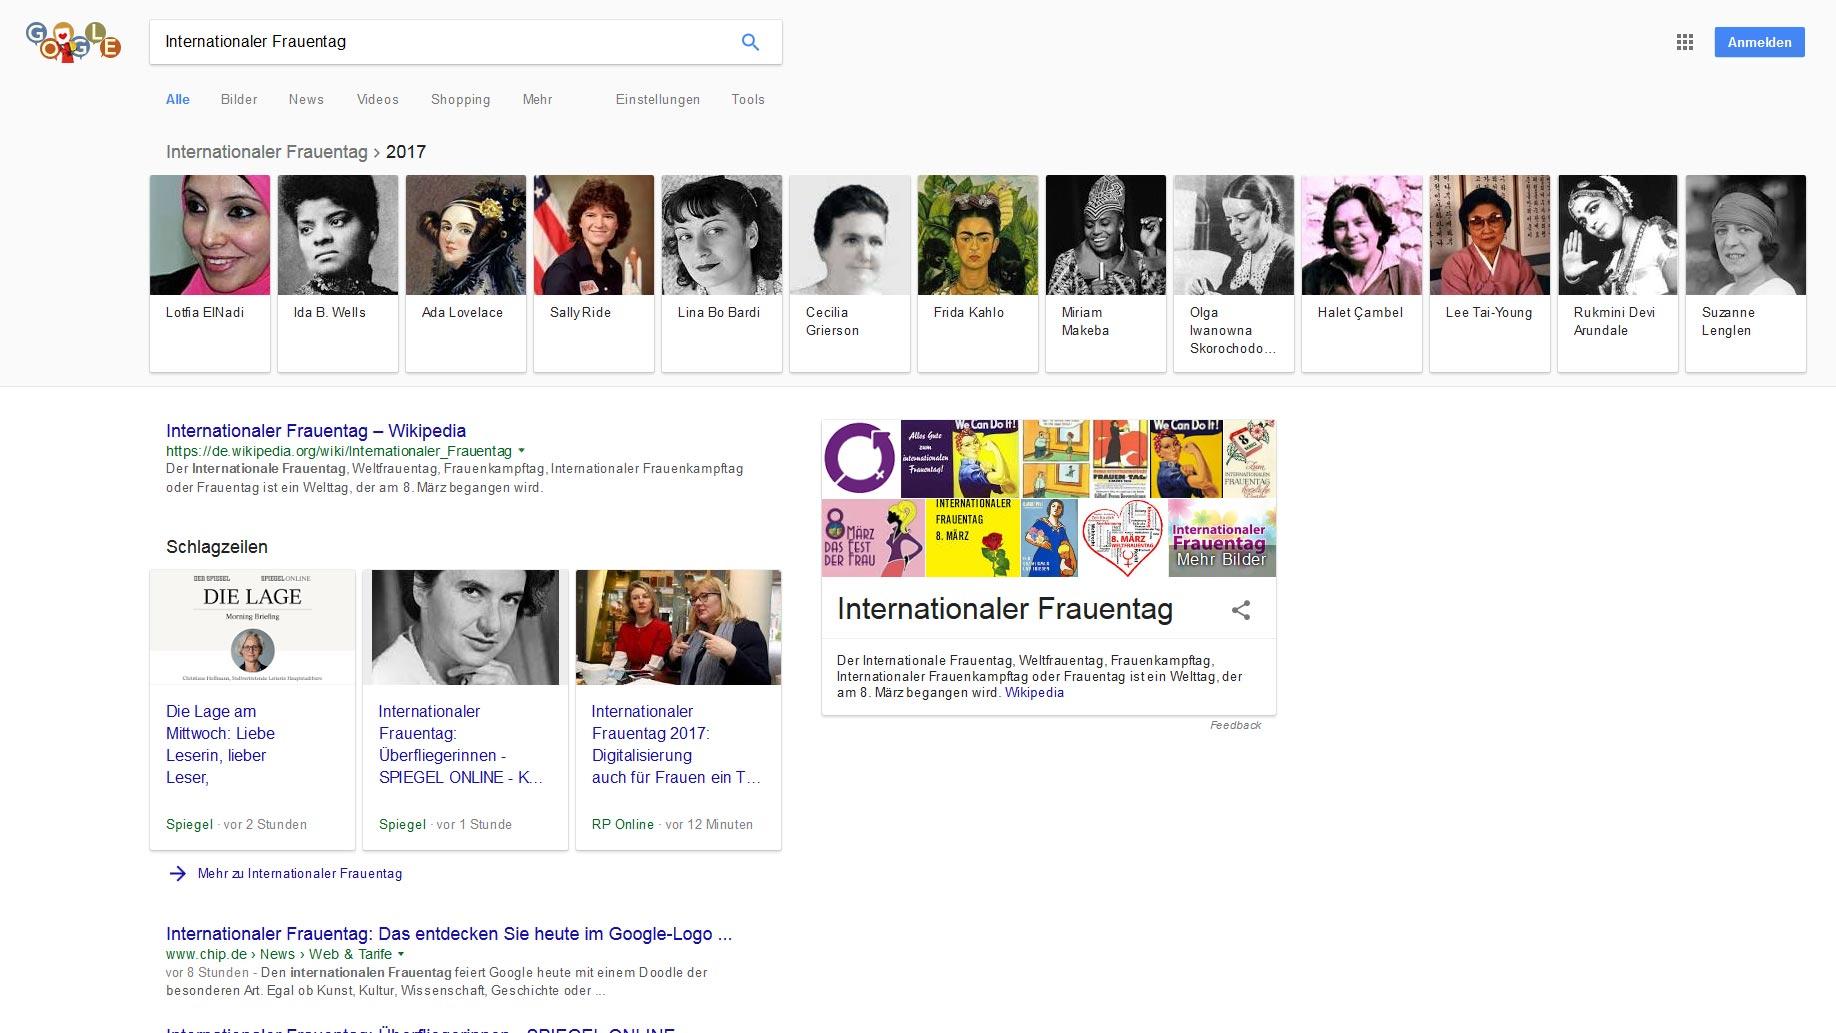 Internationaler Frauentag - Google-Suche